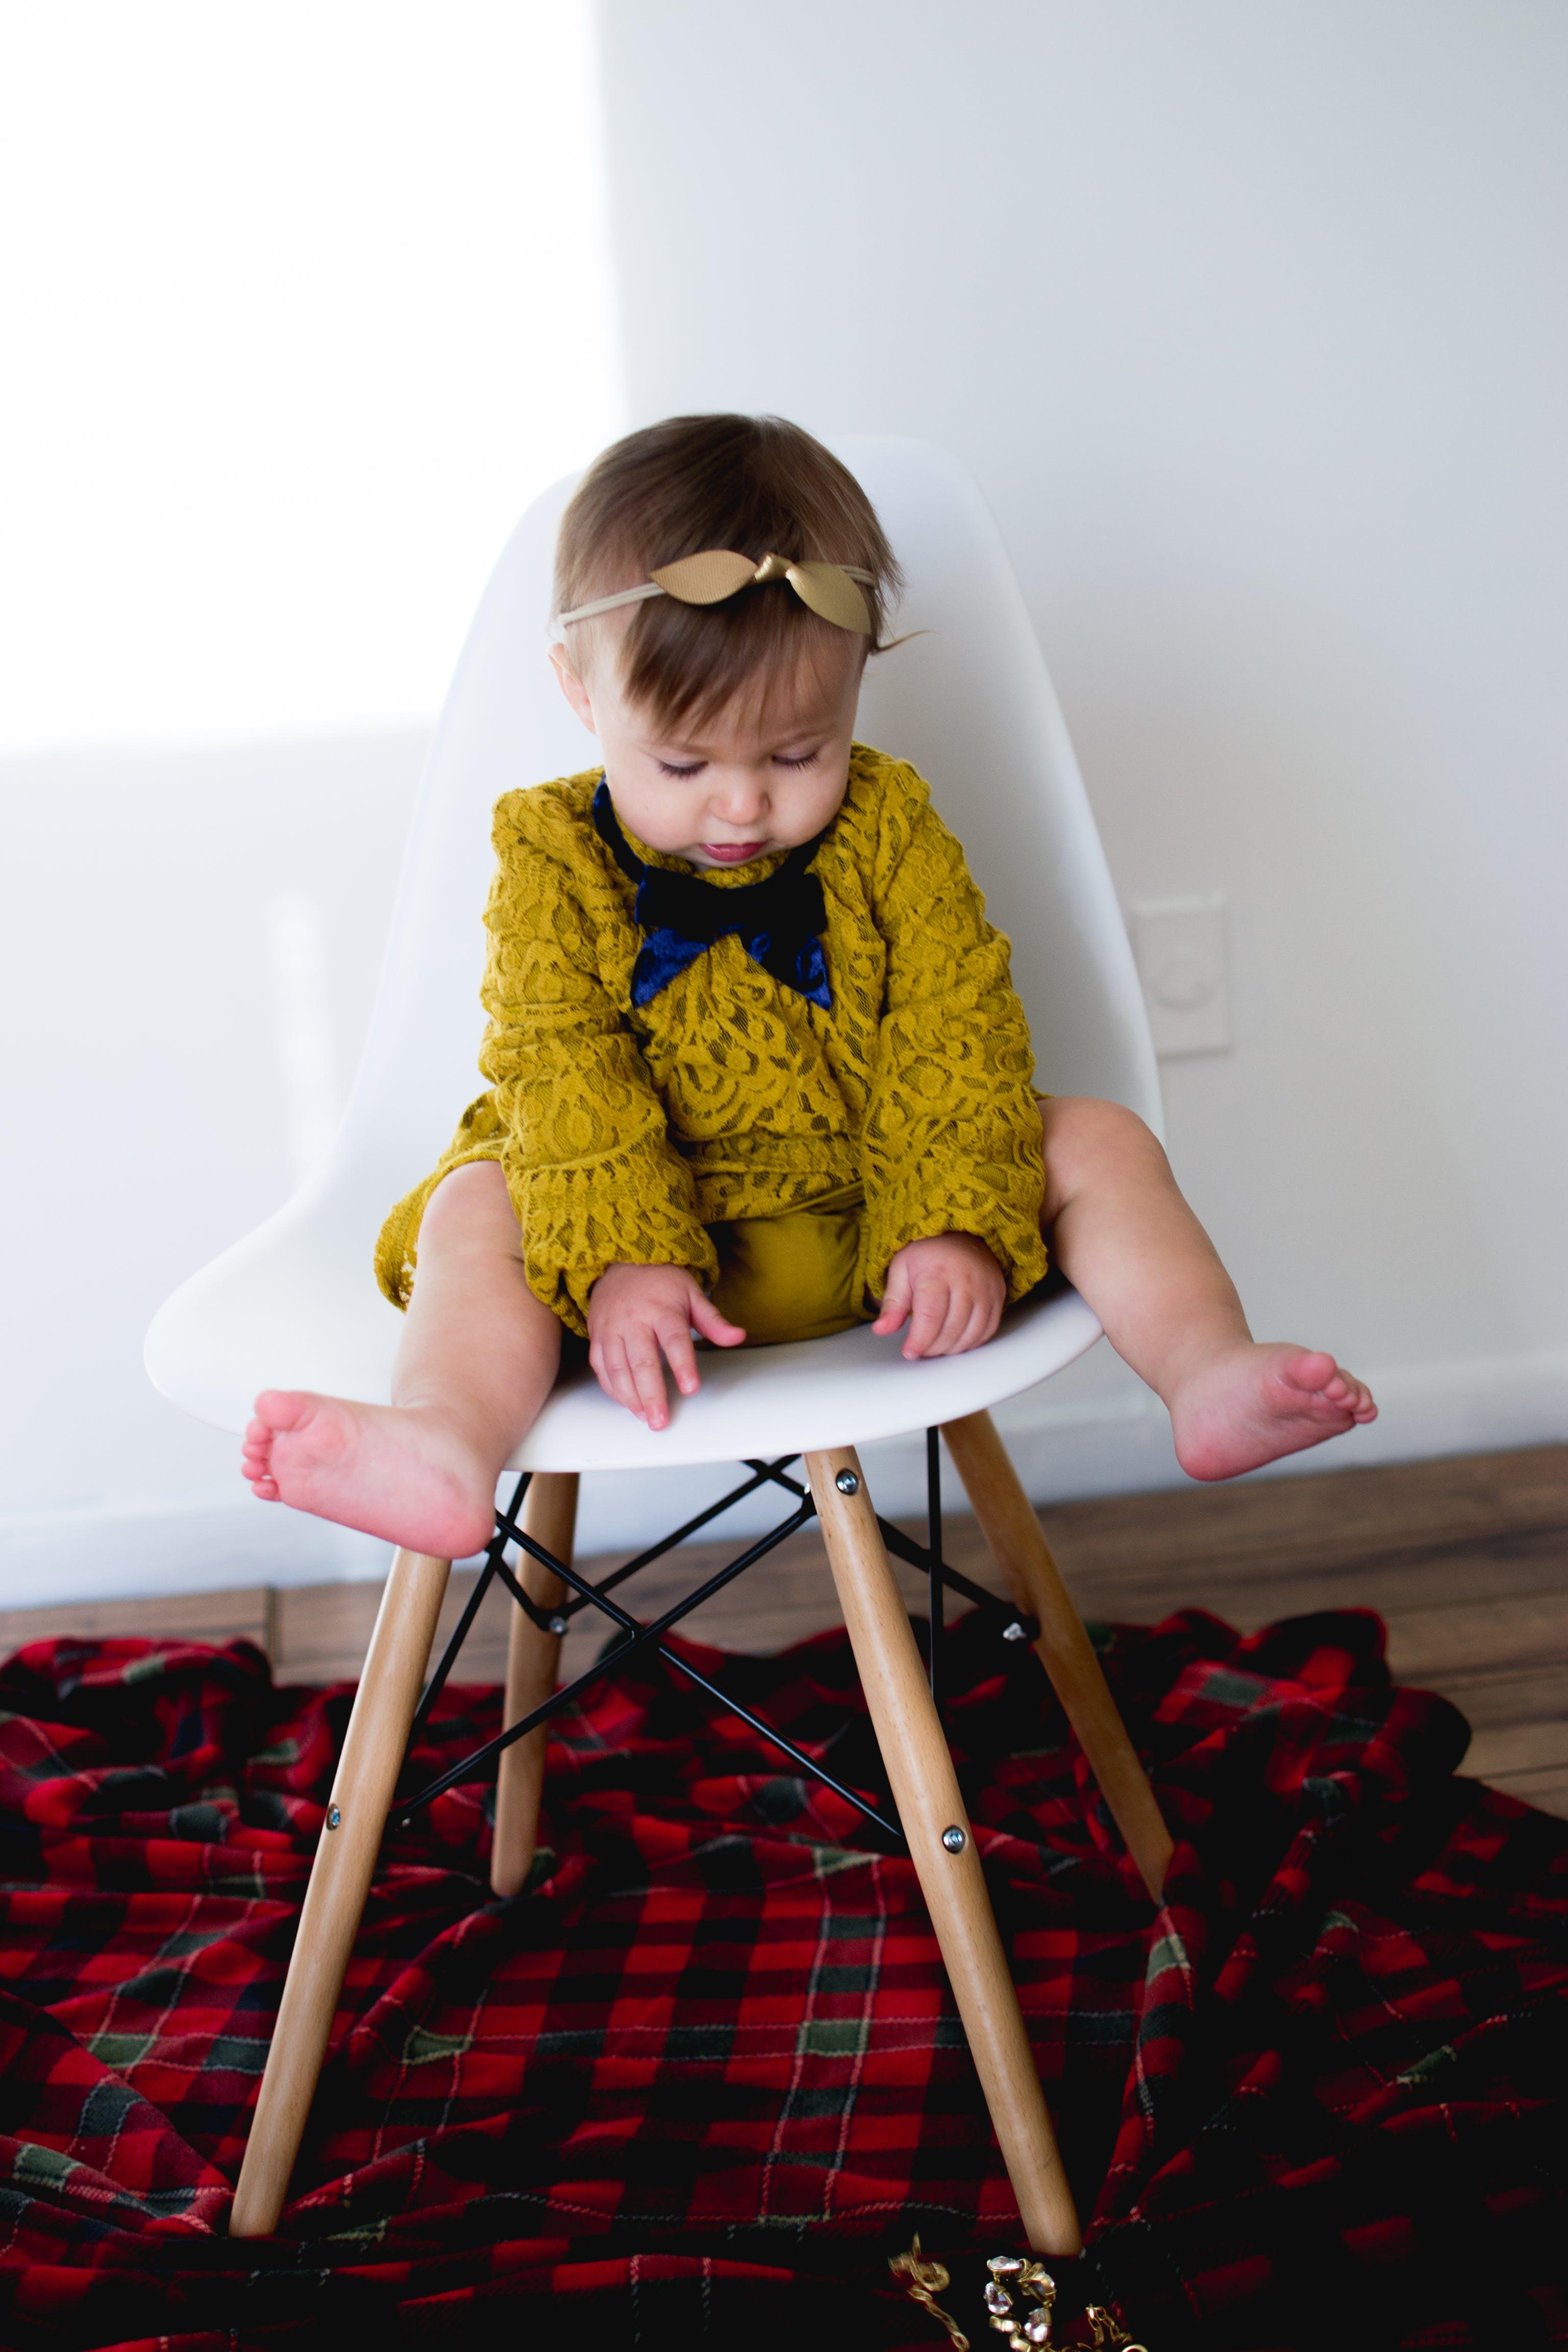 Fotos de stock gratuitas de adultos, agua, alegría, bebé en silla